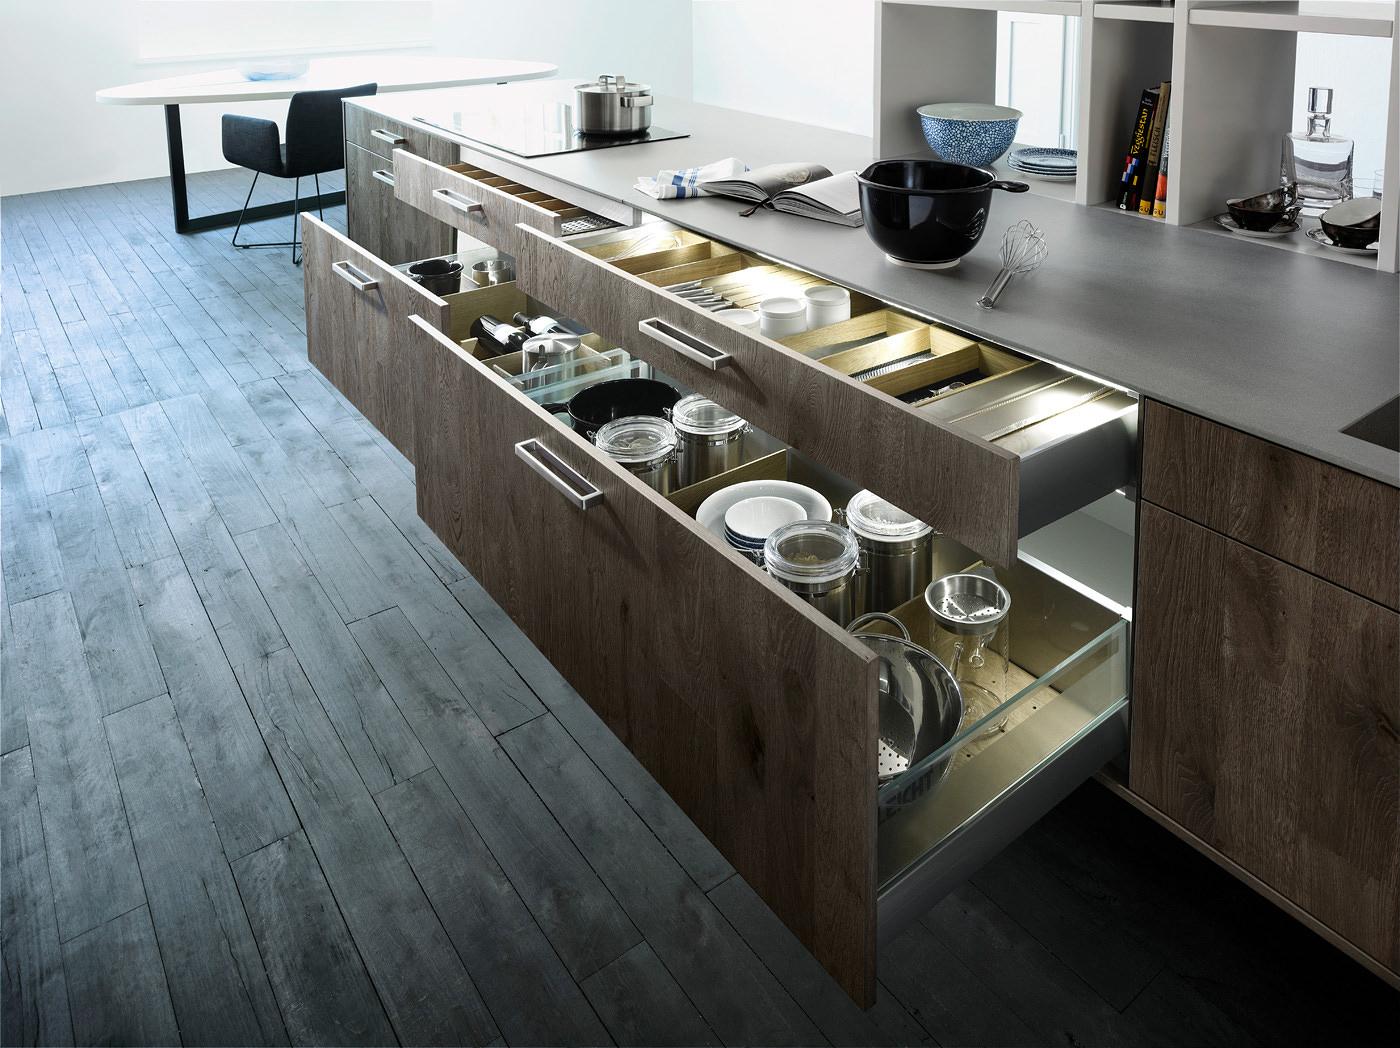 Individuelle küchenplanung  Küchenausstellung | Fritzsche Haustechnik Braunichswalde